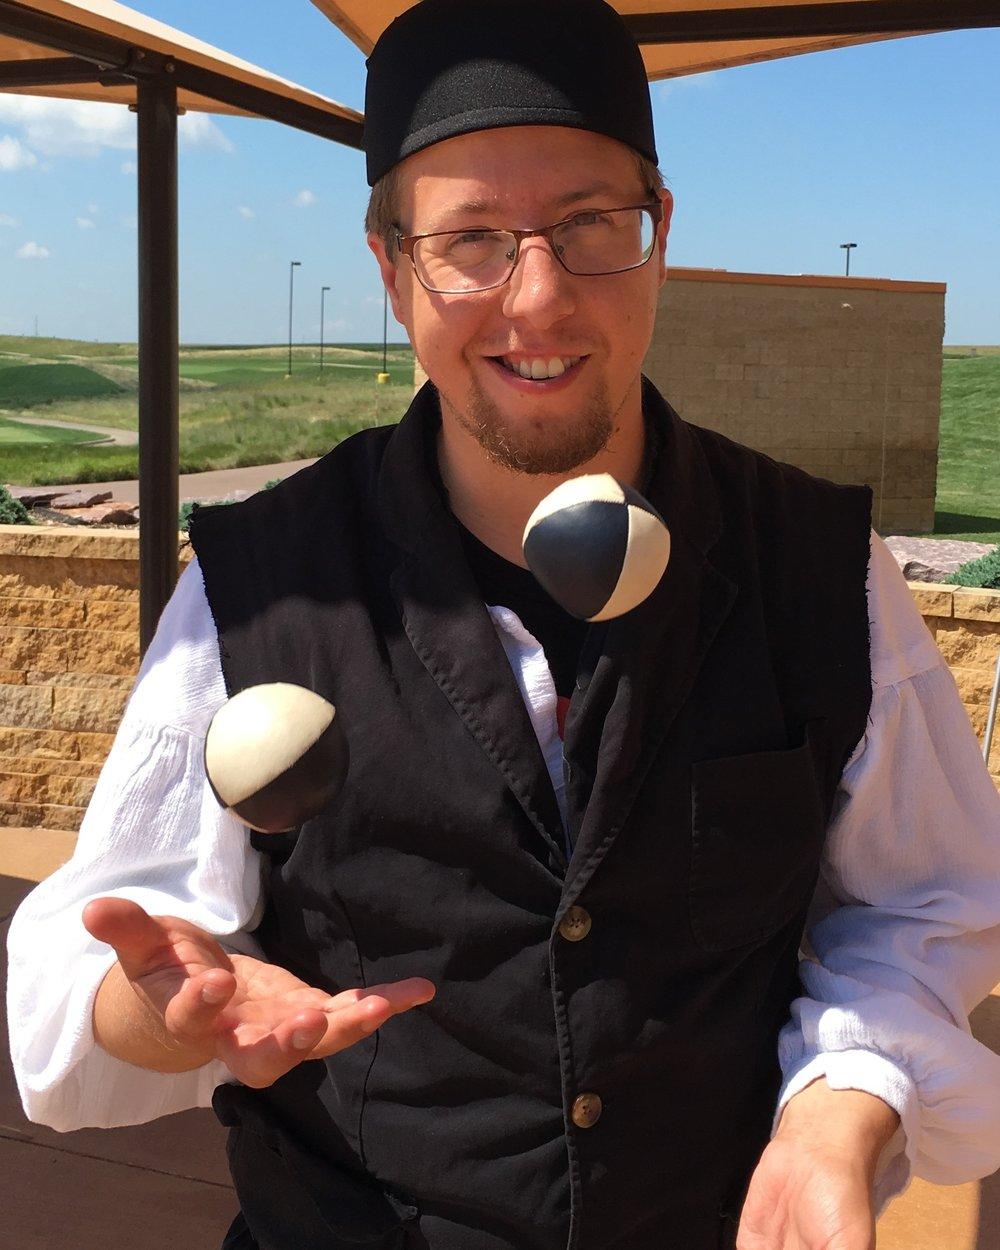 Professional Juggler Ryan McCormick